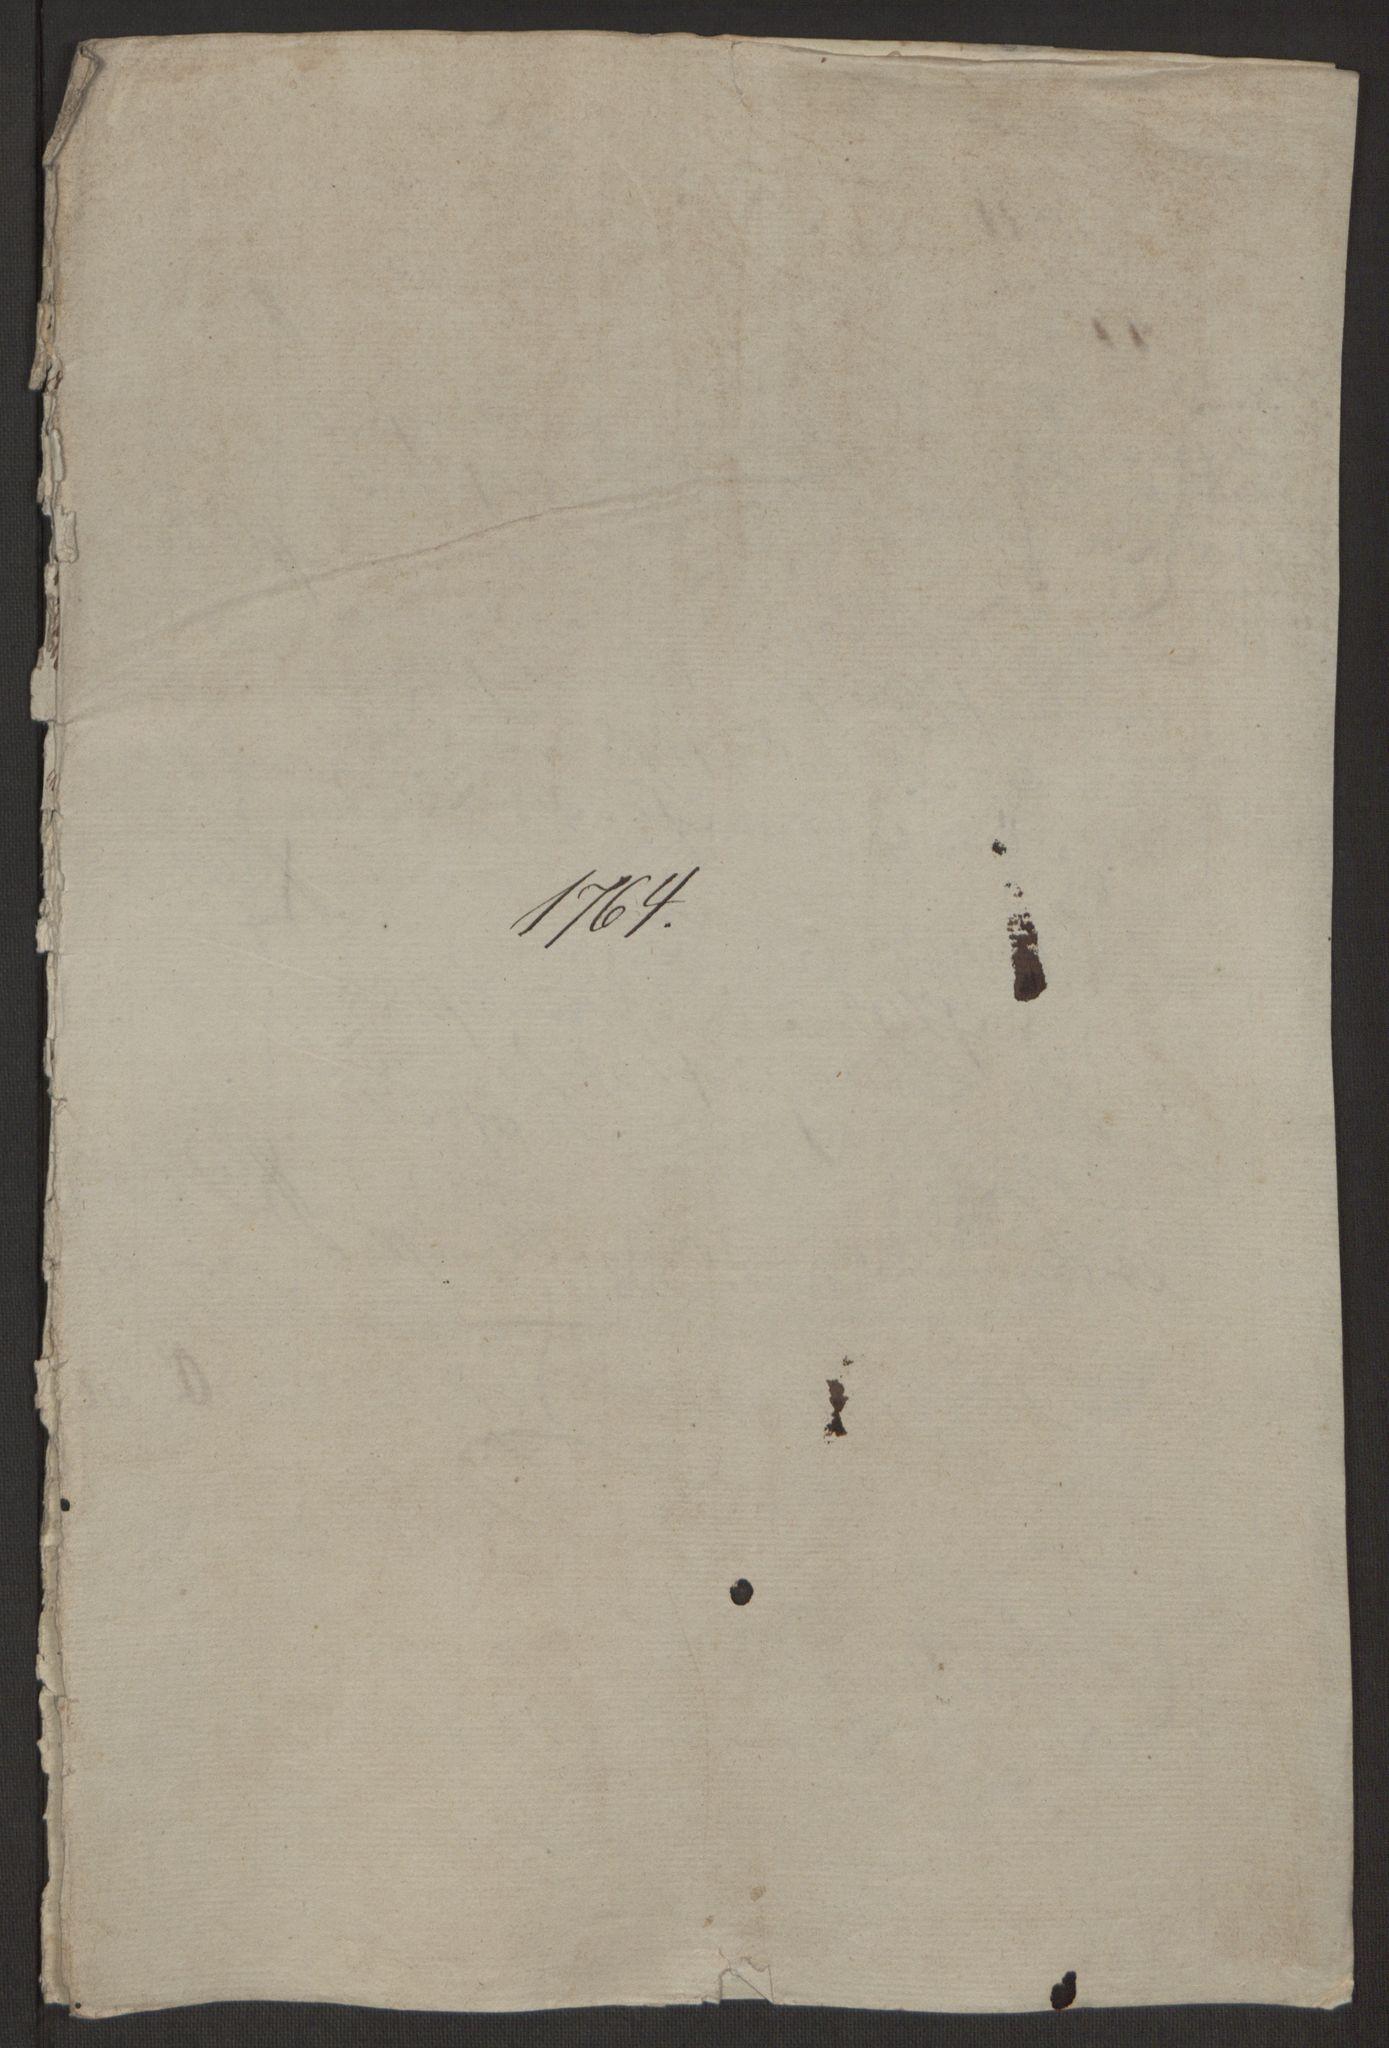 RA, Rentekammeret inntil 1814, Reviderte regnskaper, Byregnskaper, R/Rr/L0495: [R1] Kontribusjonsregnskap, 1762-1772, s. 30